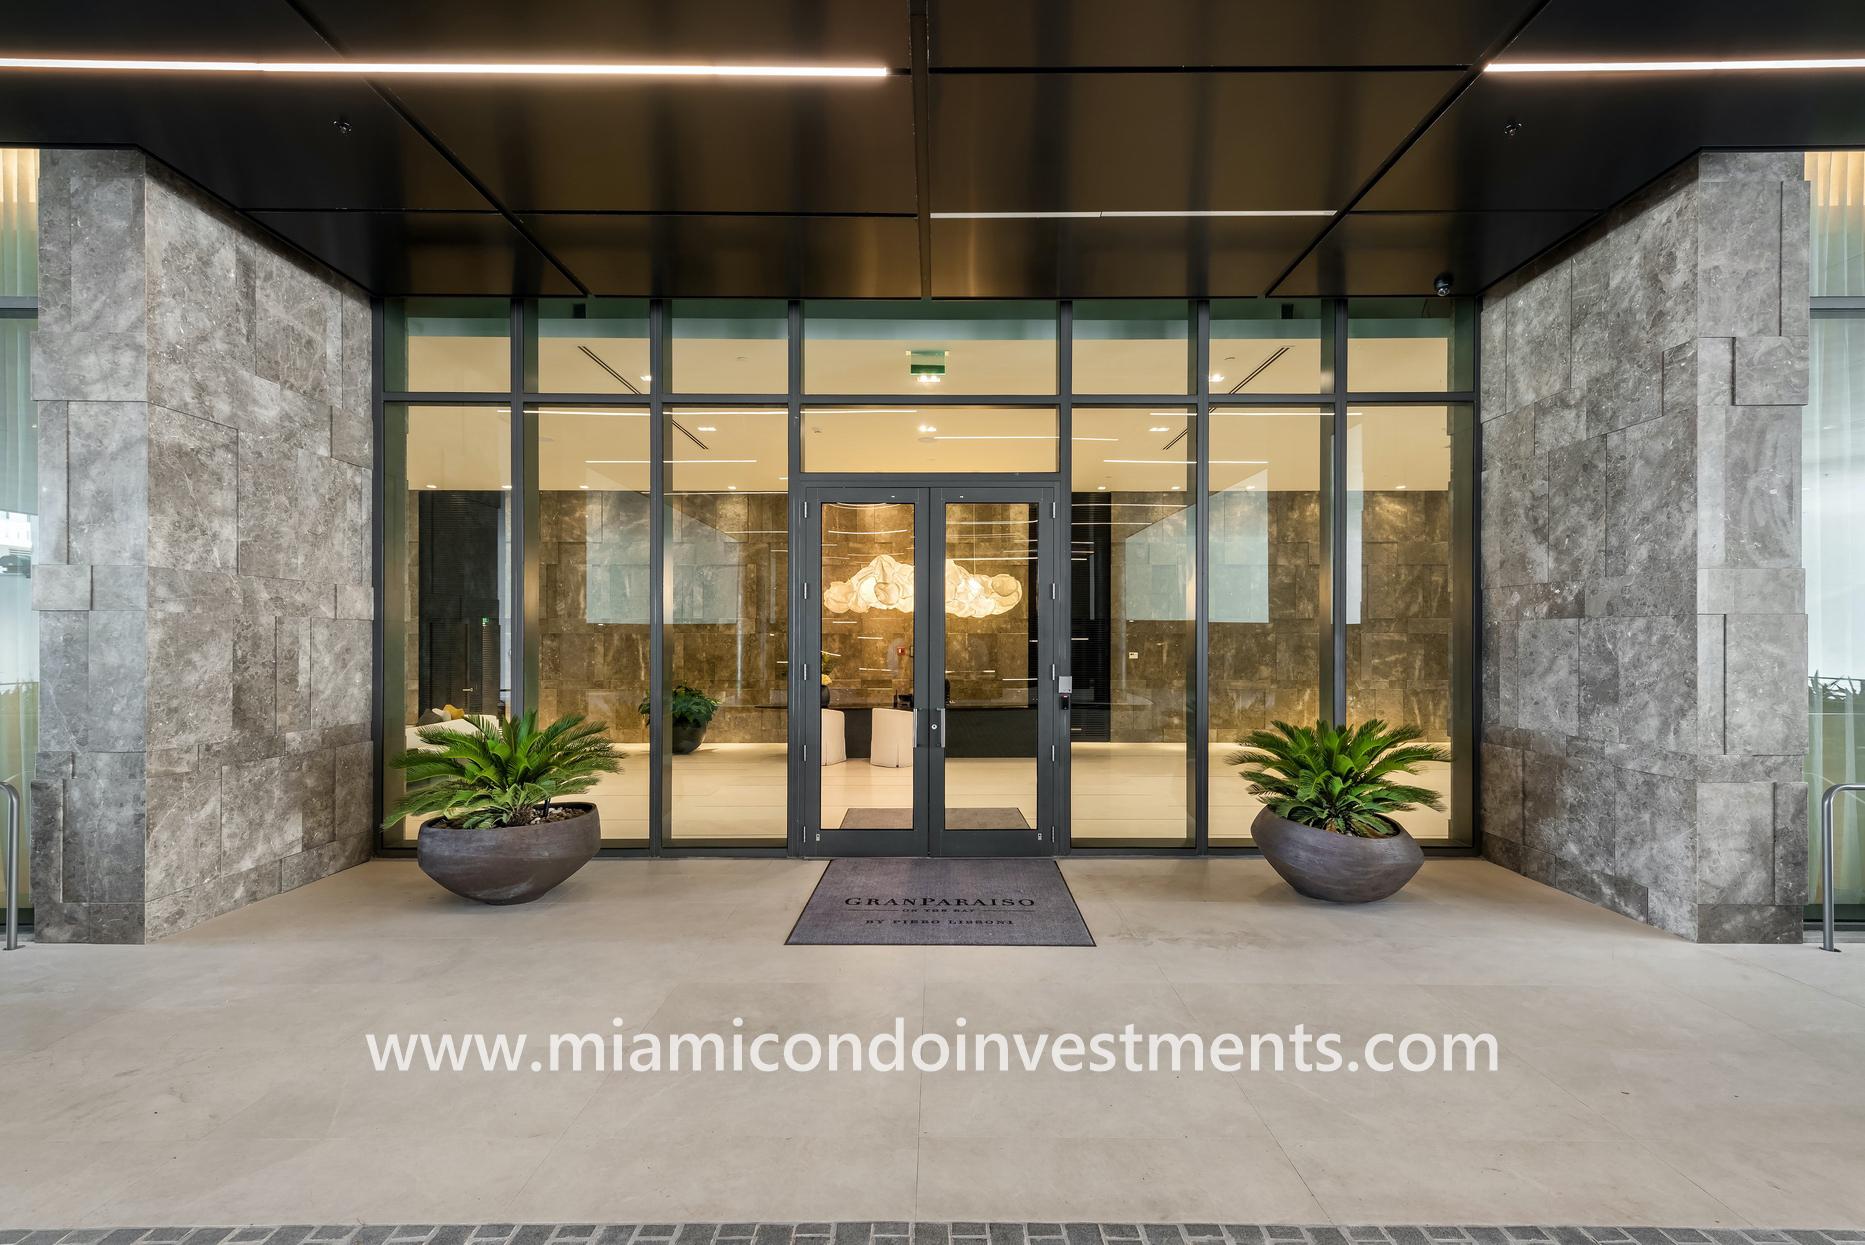 Gran Paraiso lobby entrance